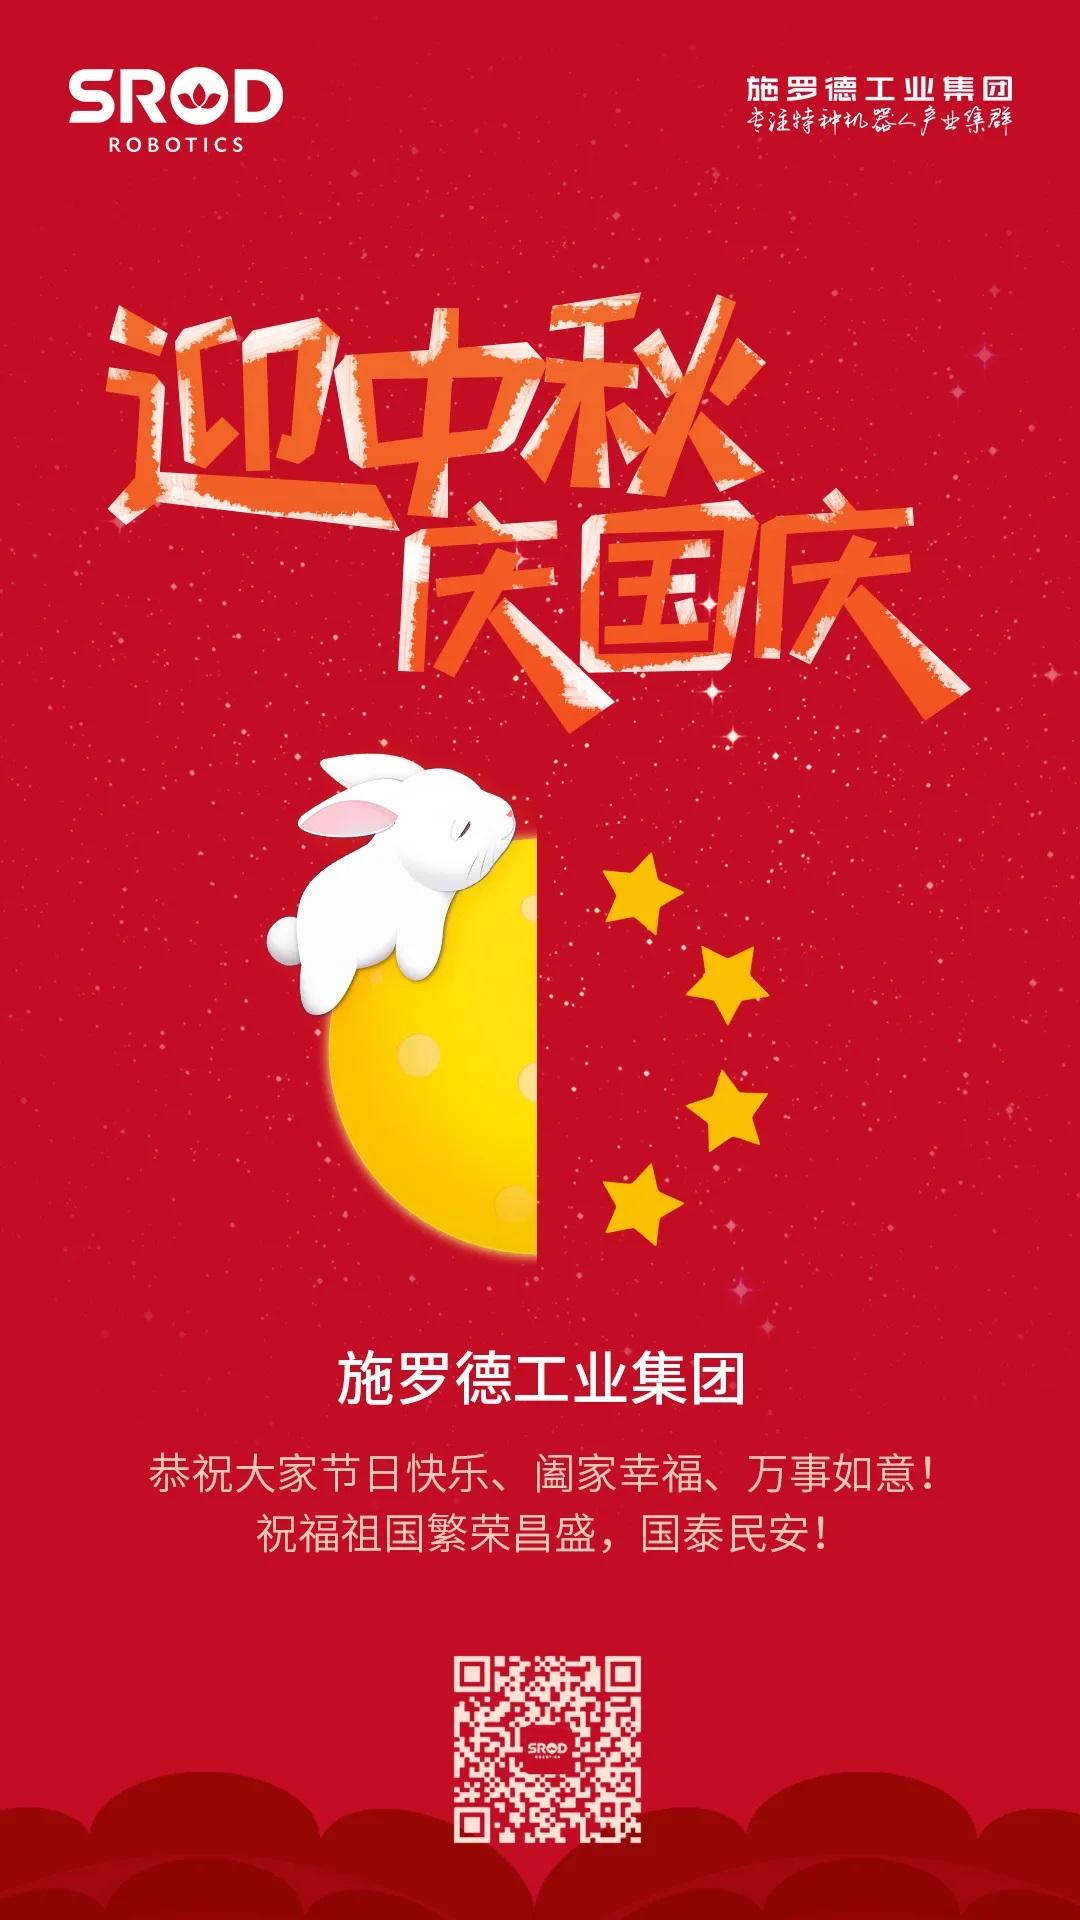 施罗德工业集团祝您中秋国庆快乐!